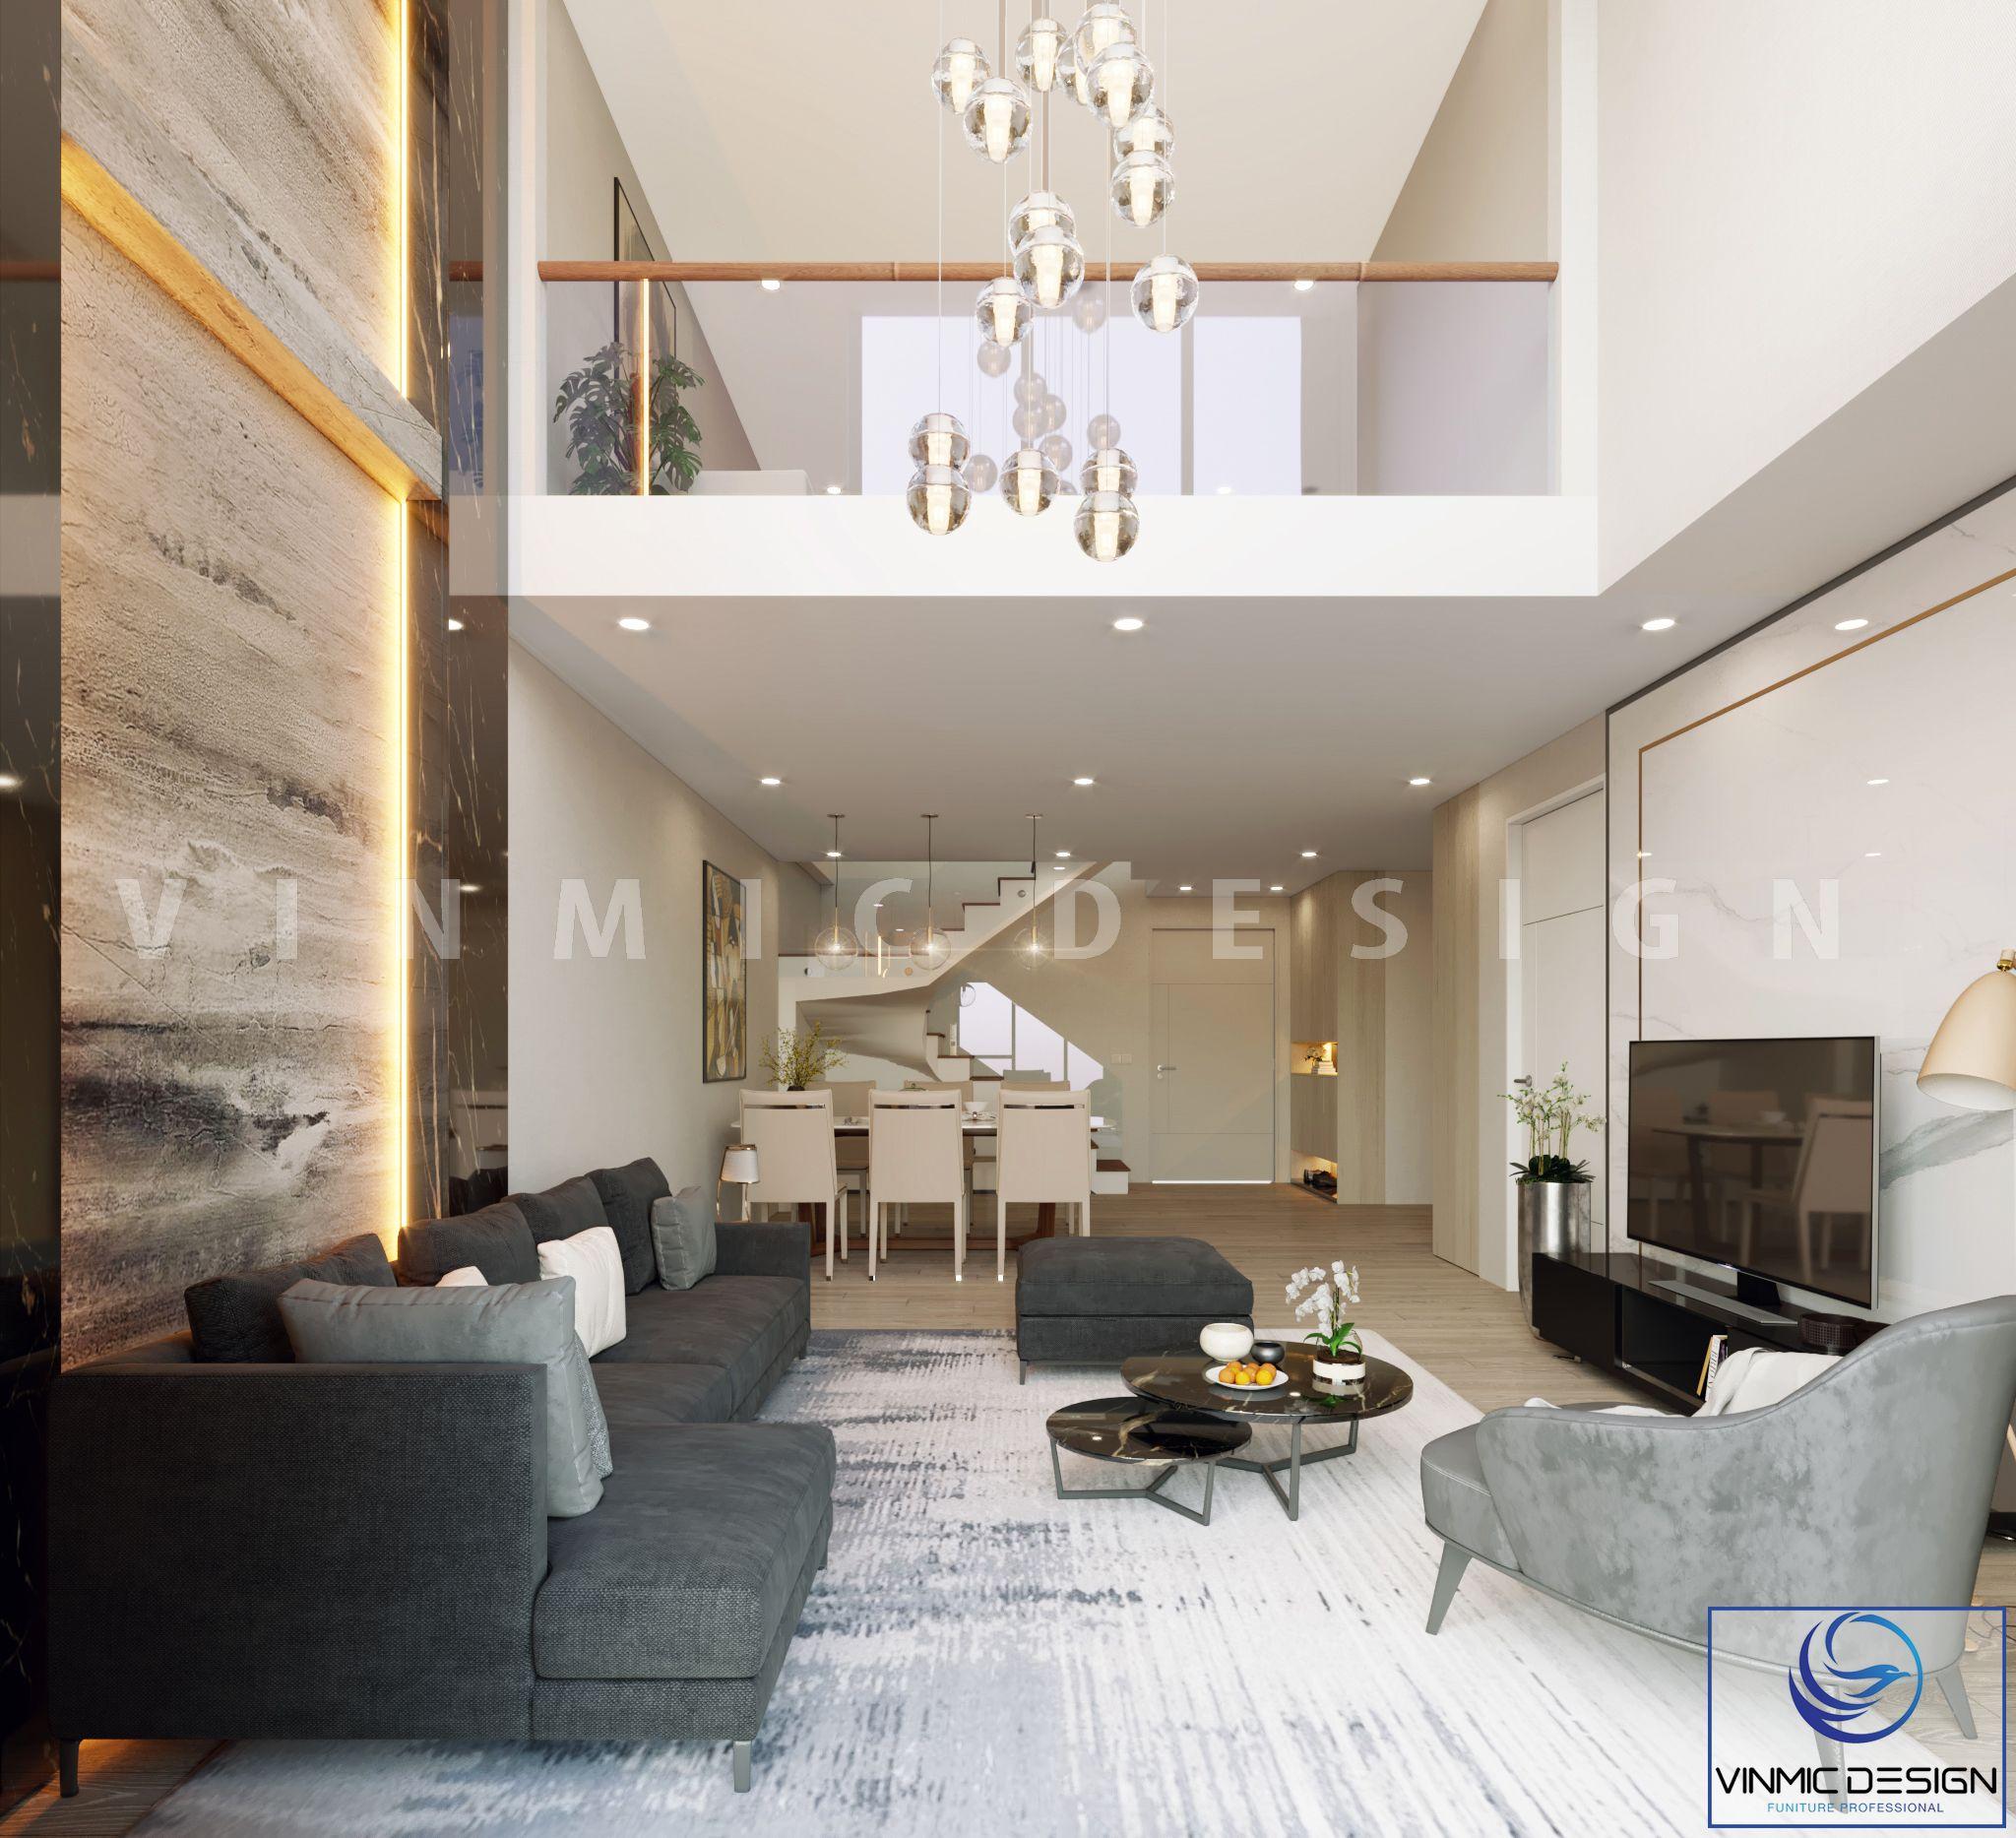 Thiết kế phòng khách biệt thự hiện đại, thoáng đãng